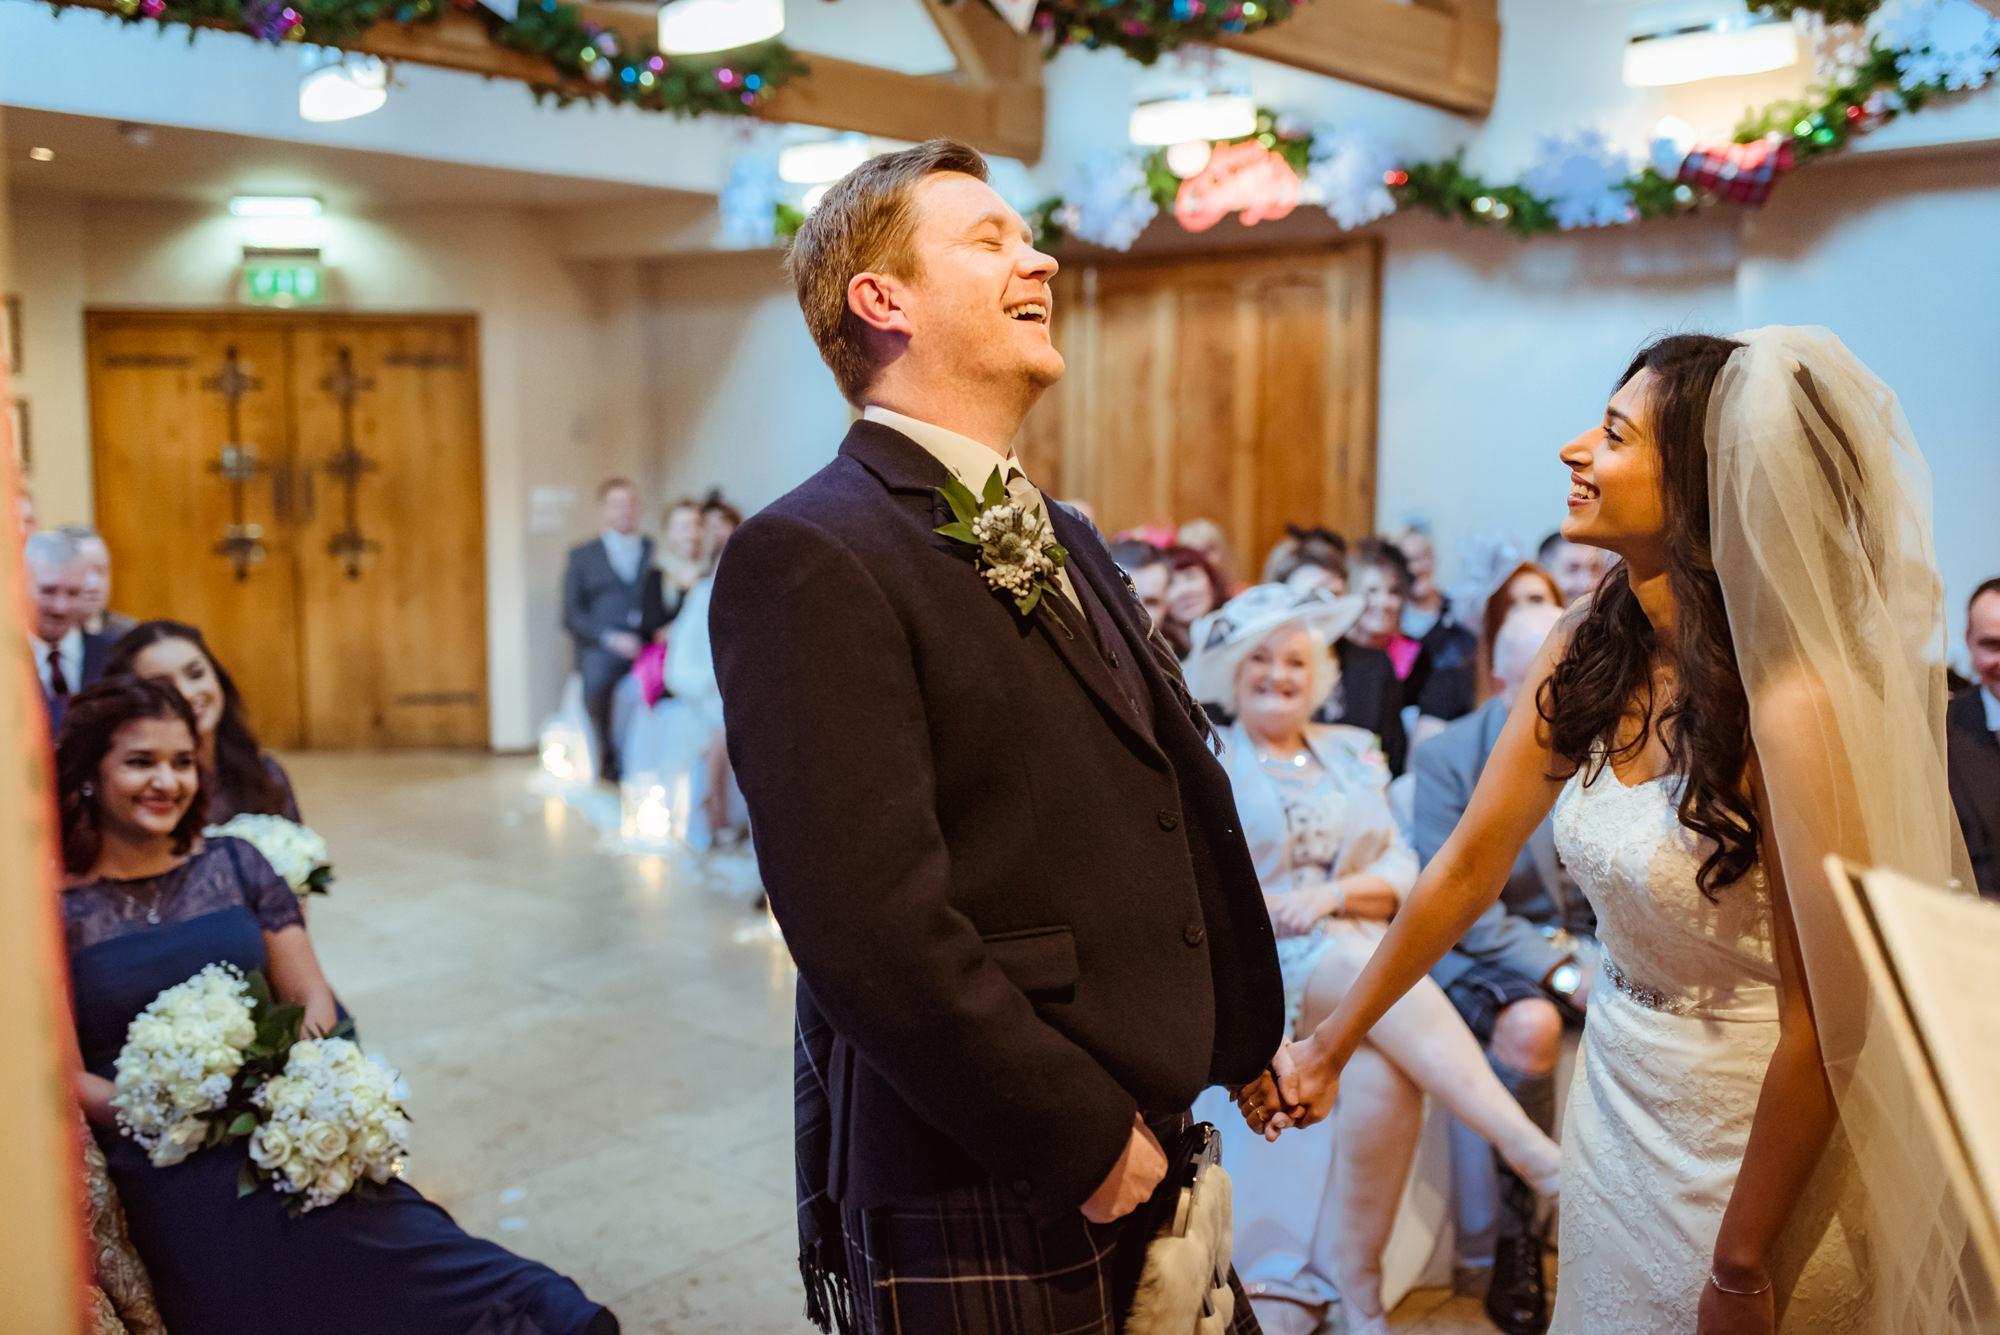 fun-weddings-glenskirlie.jpg